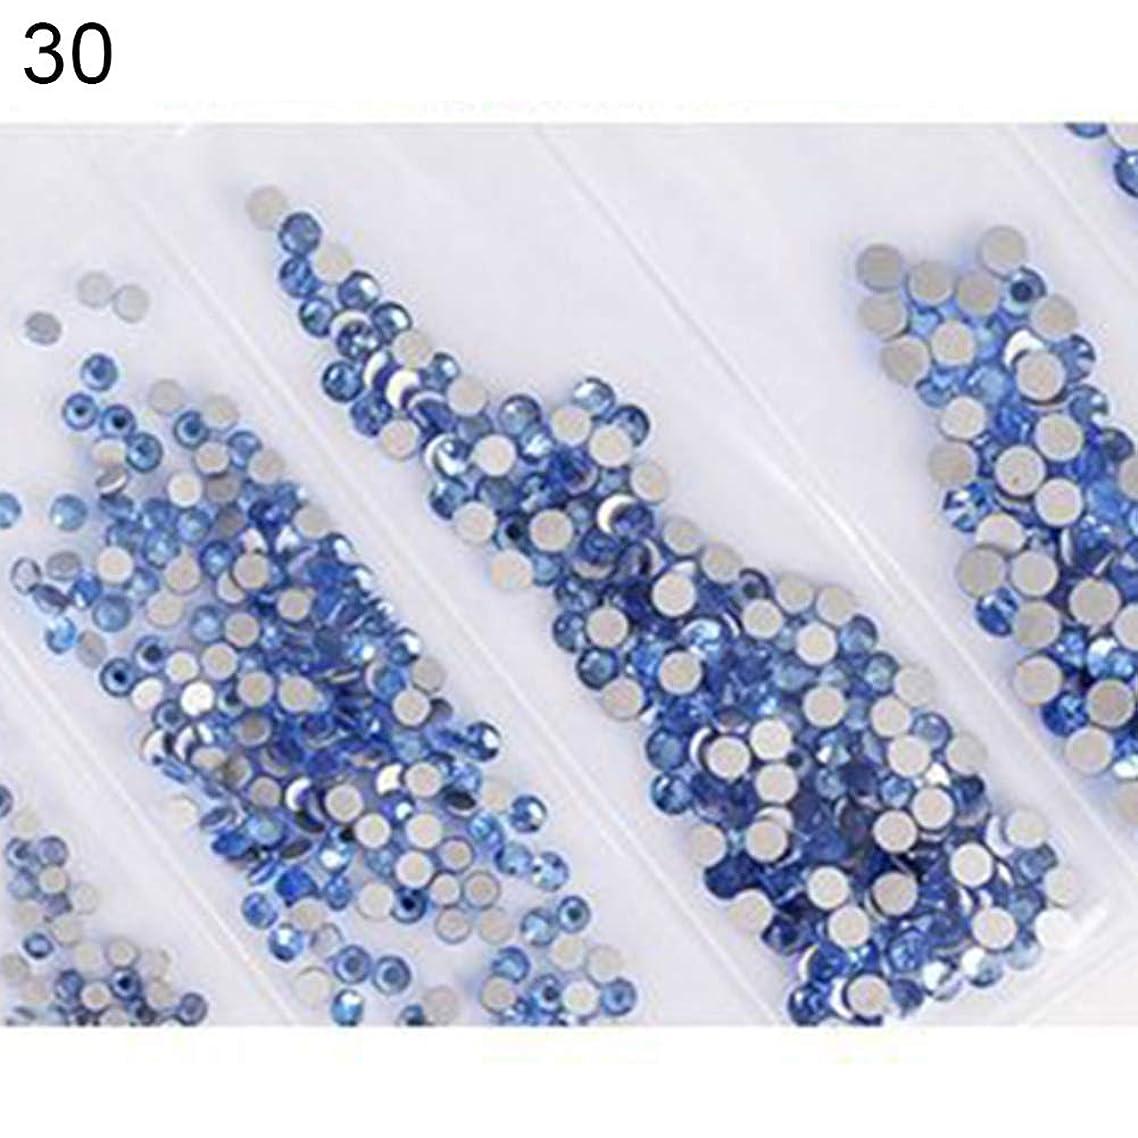 多年生吸収剤回復hamulekfae-6ピース光沢のあるフラットガラスラインストーンネイルアートの装飾diyマニキュアのヒントツール 30#